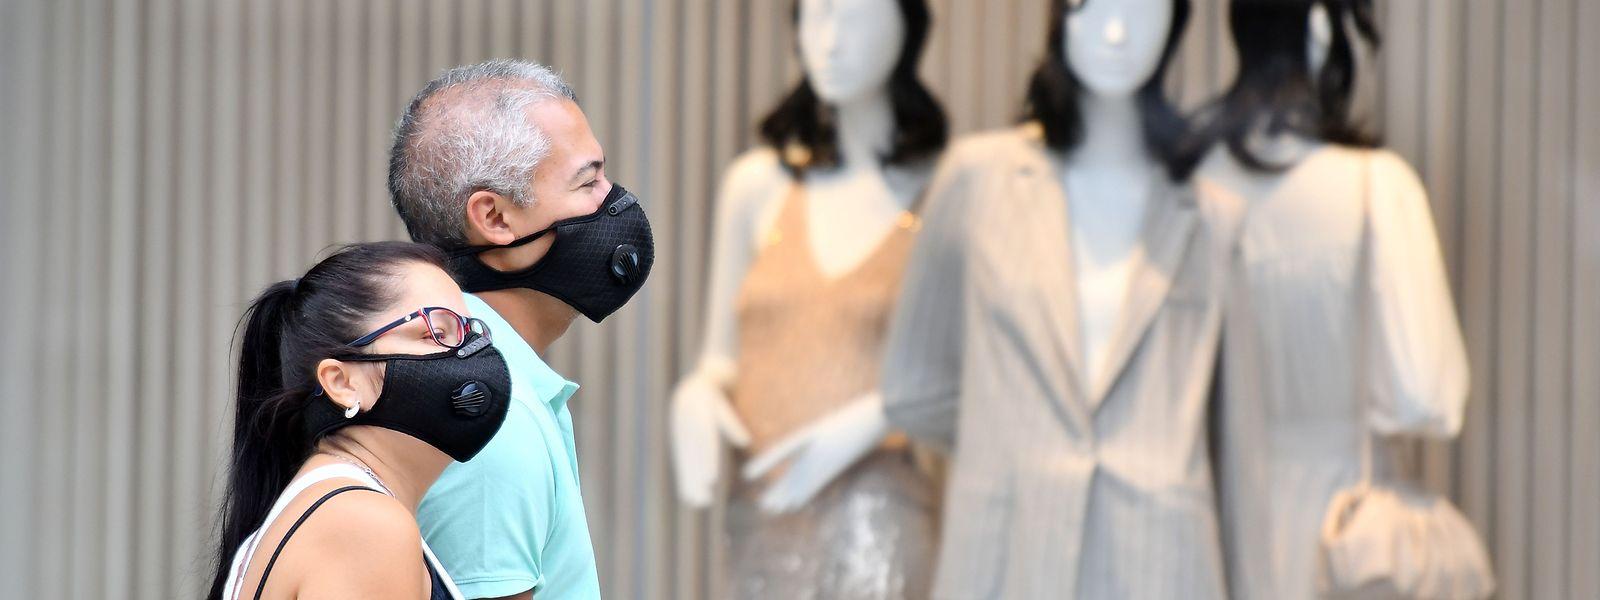 Masken gelten als wirksamer Schutz vor einer Corona-Infektion.